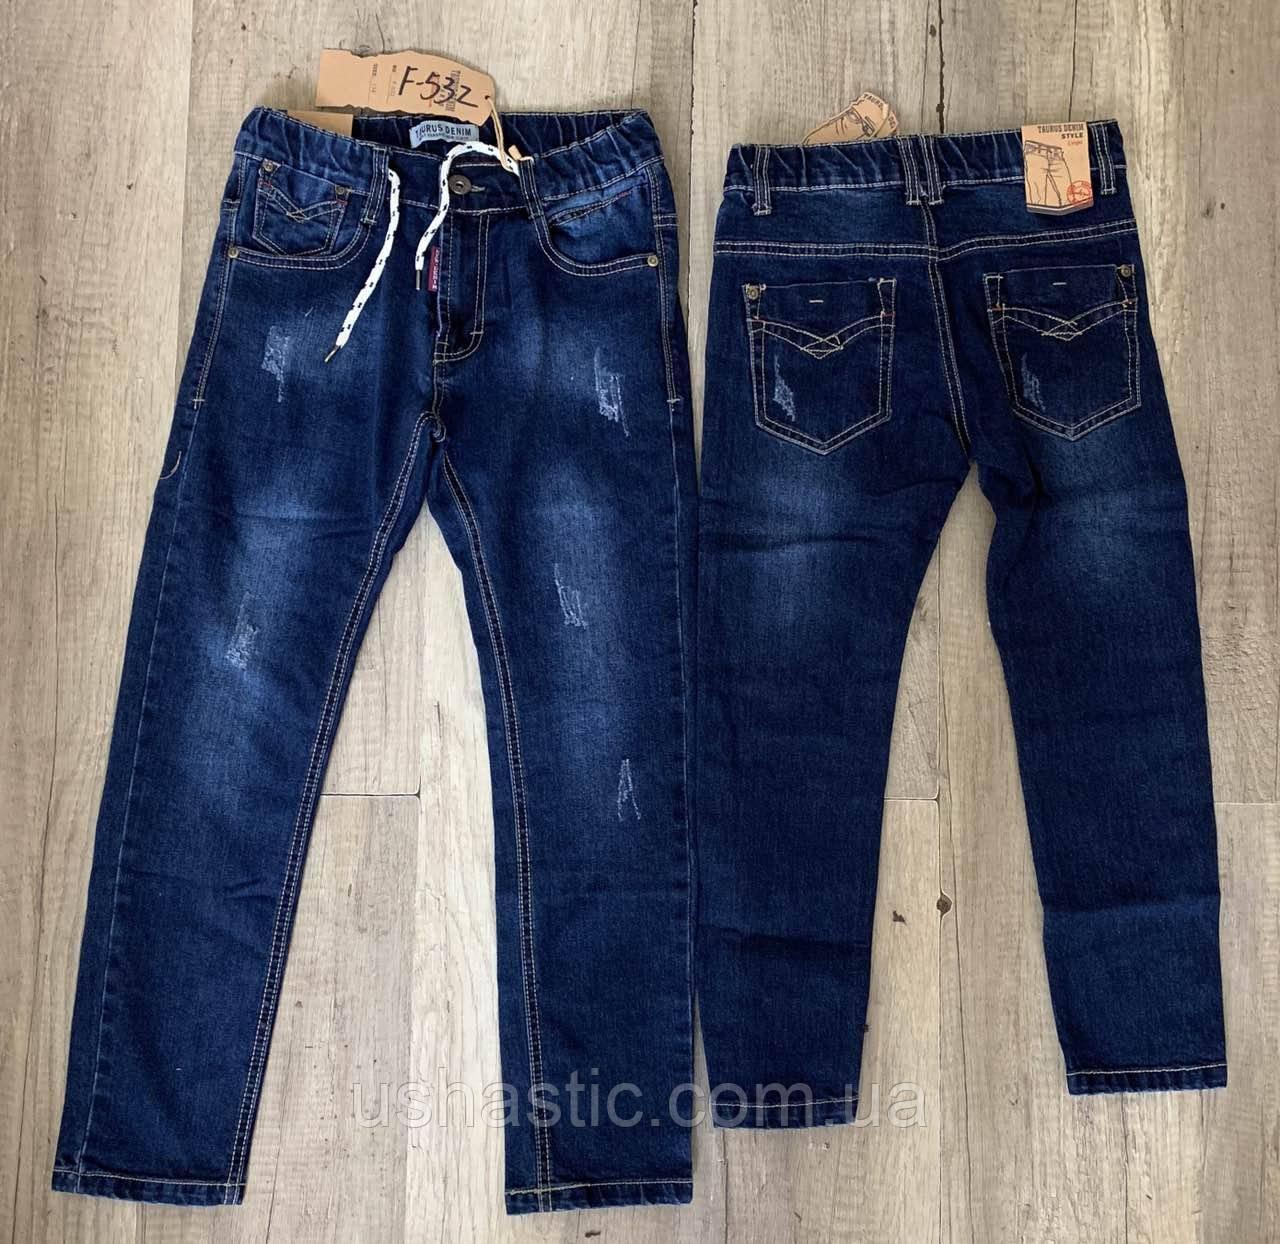 """Джинсовые брюки для мальчиков """"Taurus"""" рост 5-6 лет (рост 116) (Венгрия)"""